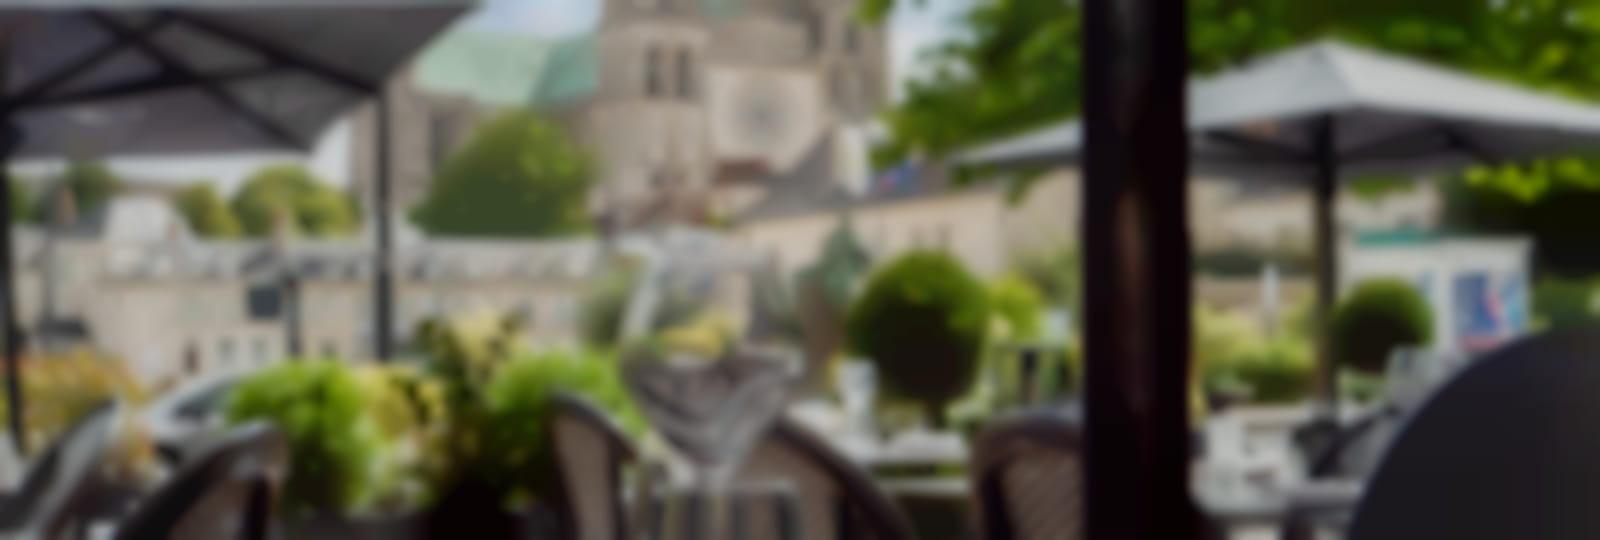 Hôtel Le Boeuf Couronné-Restaurant l'Amphitryon-Bar le Christie's - vue du restaurant